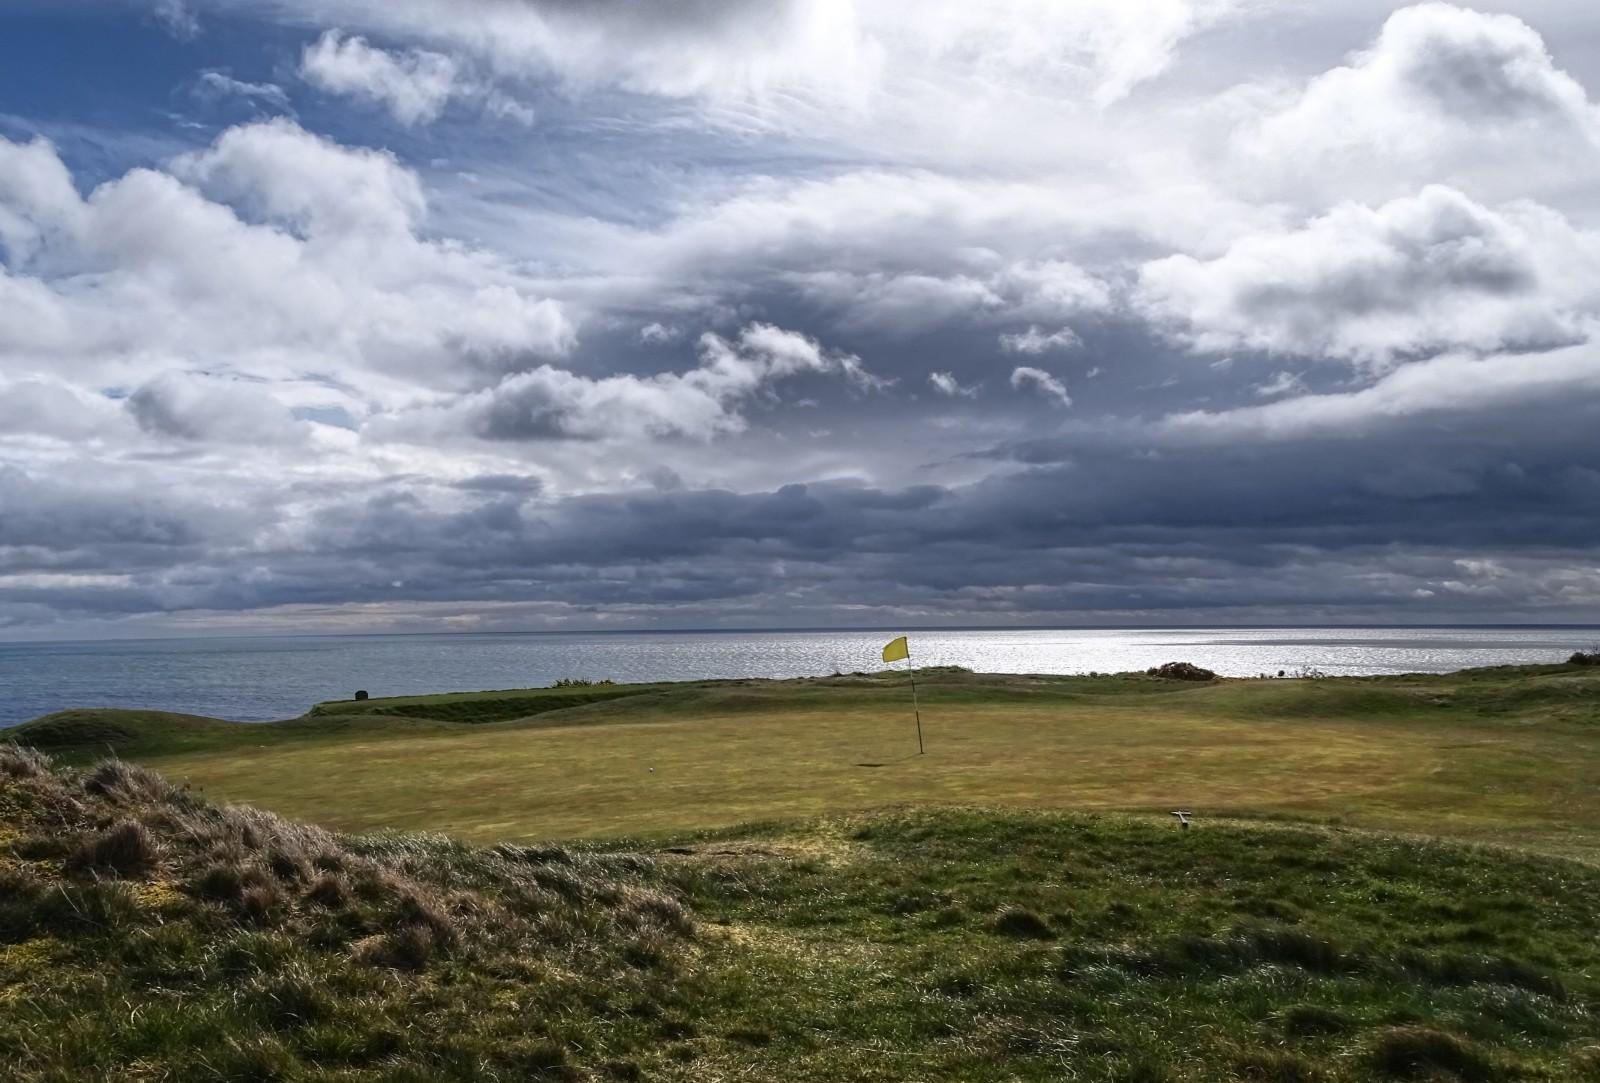 Die Irische See sorgt für spannende Ausblicke im Ardglass Colf Club